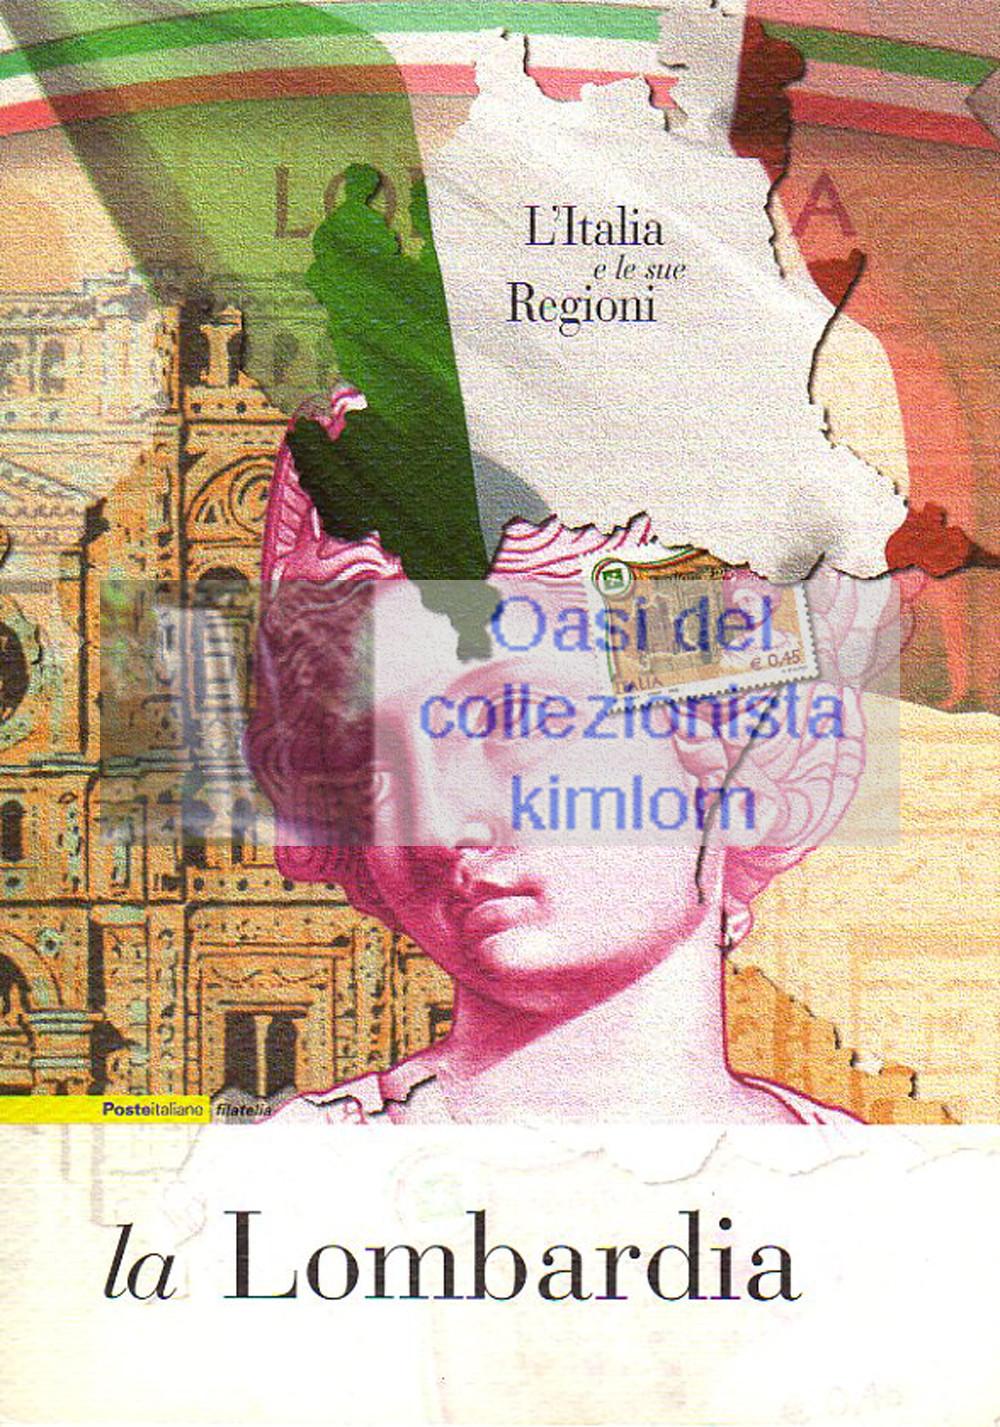 folder - L'Italia e le sue regioni - La Lombardia